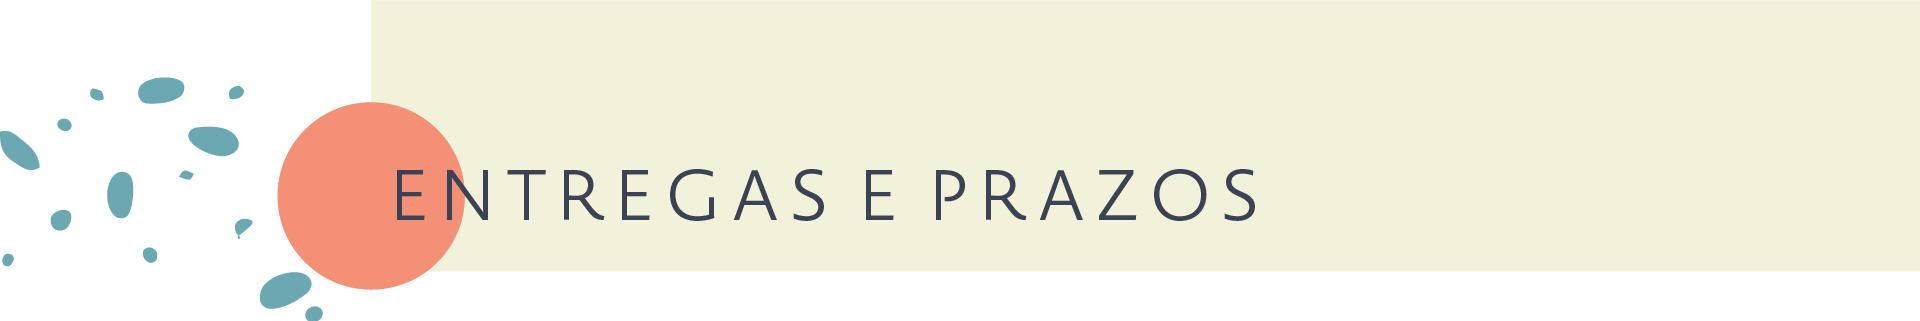 Banner topo Entregas e Prazos